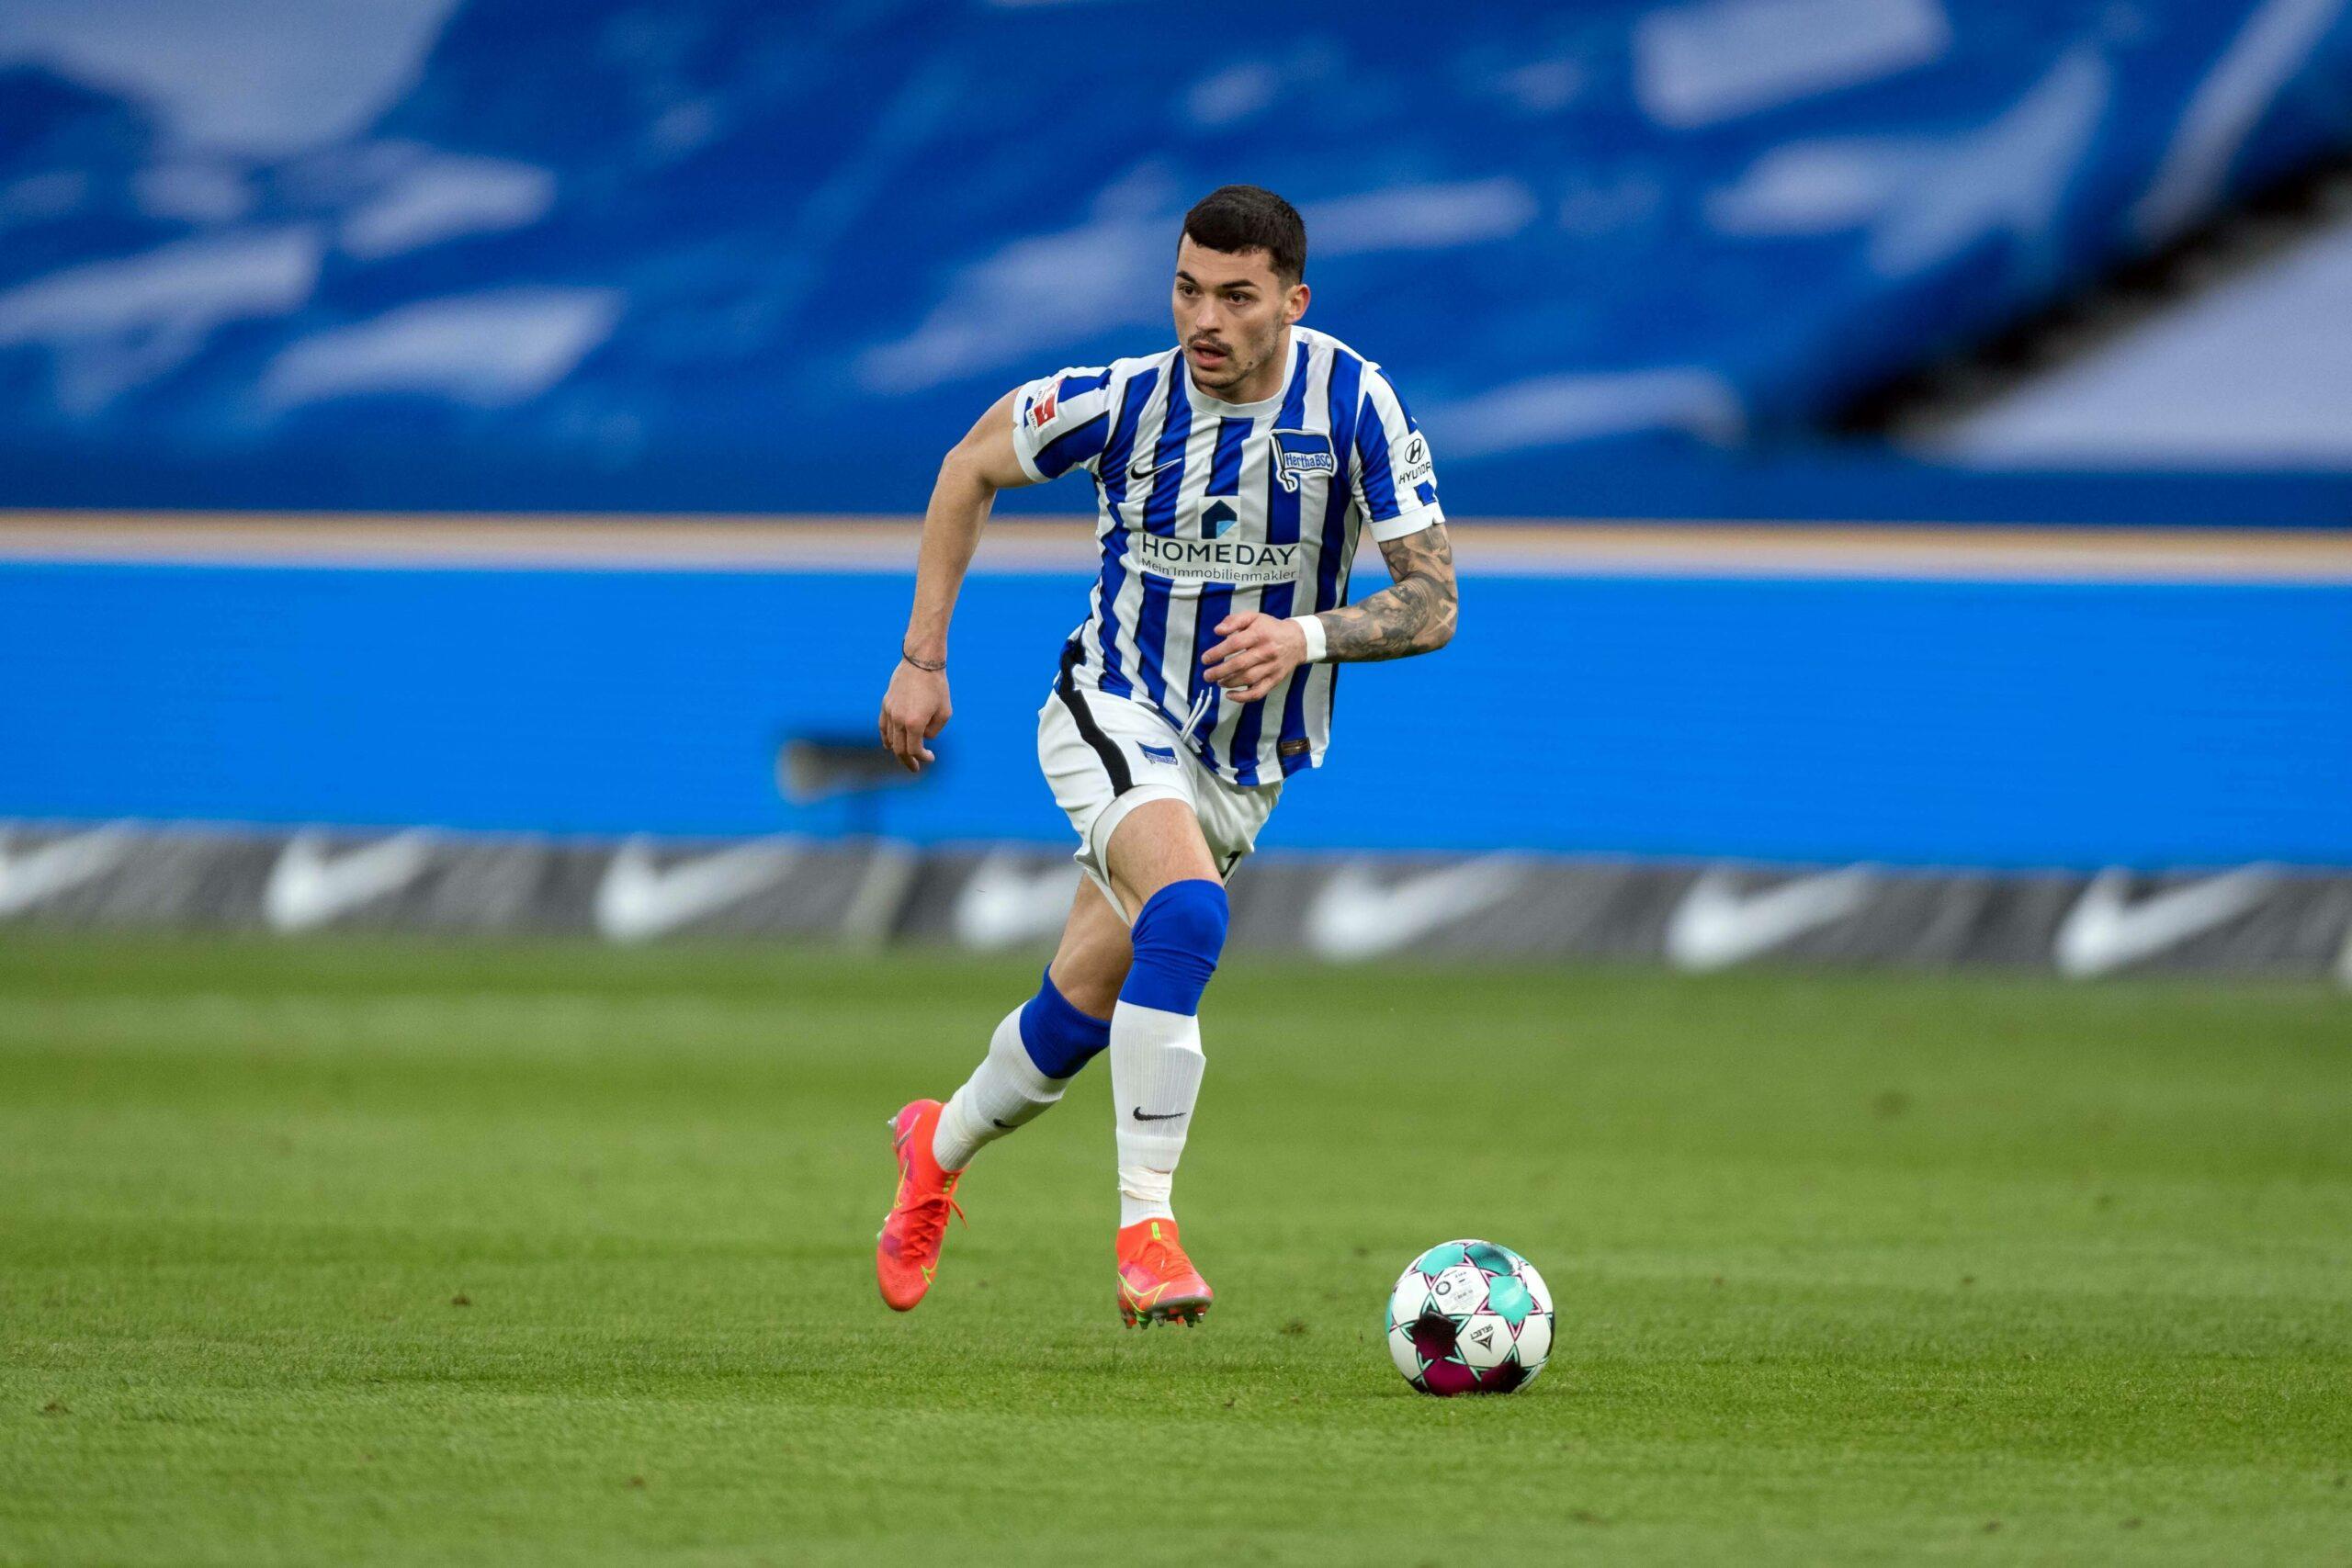 Nemanja Radonjic ist von Olympique Marseille an Hertha BSC verliehen